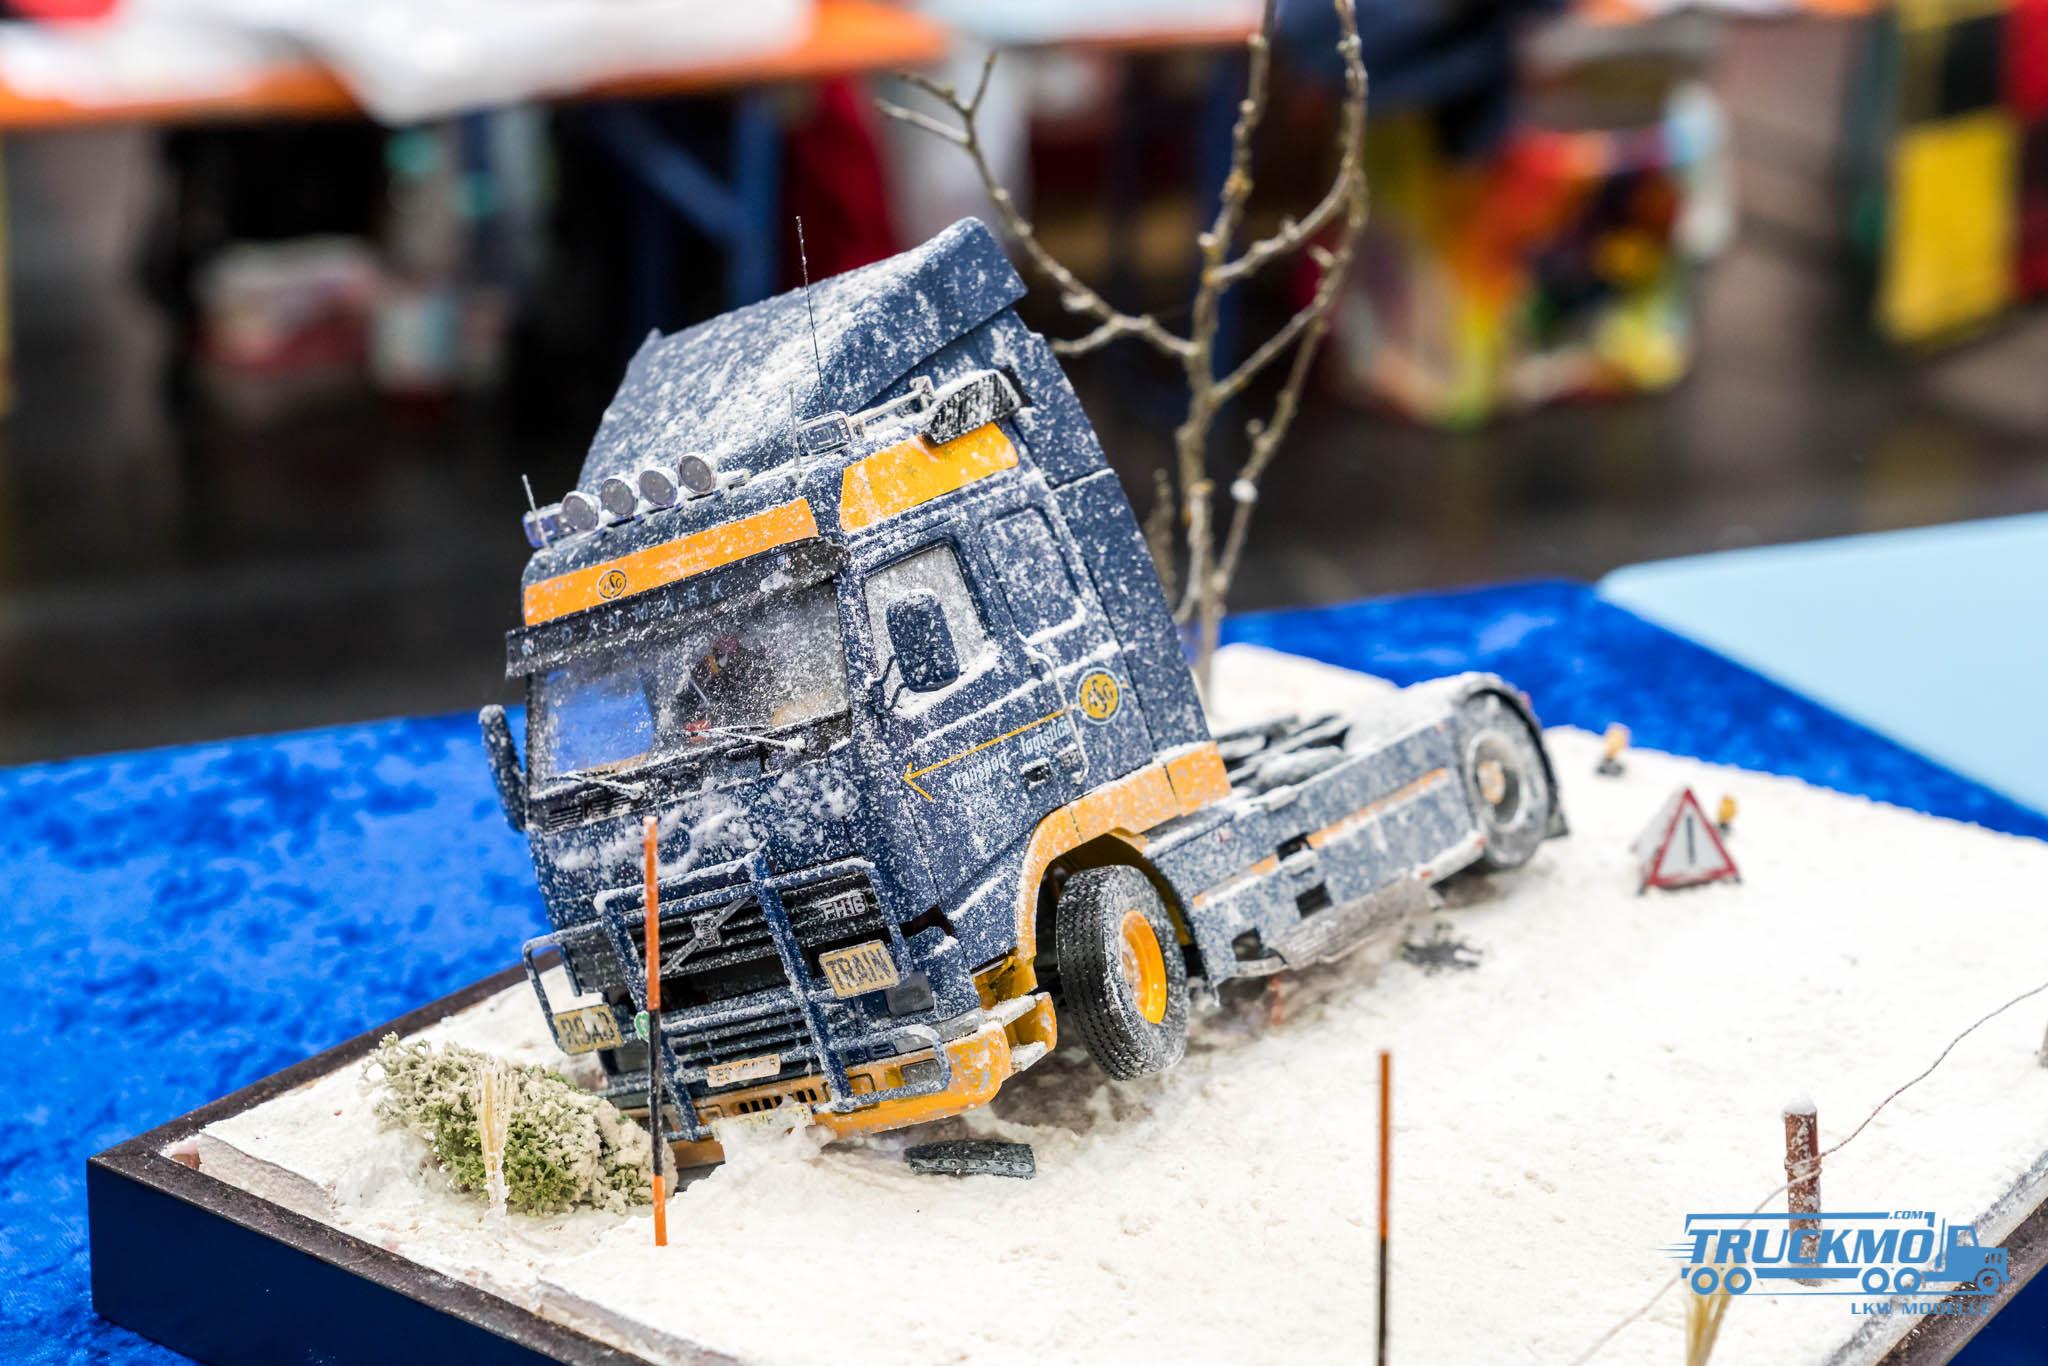 Truckmo_Modellbau_Ried_2017_Herpa_Messe_Modellbauausstellung (330 von 1177)